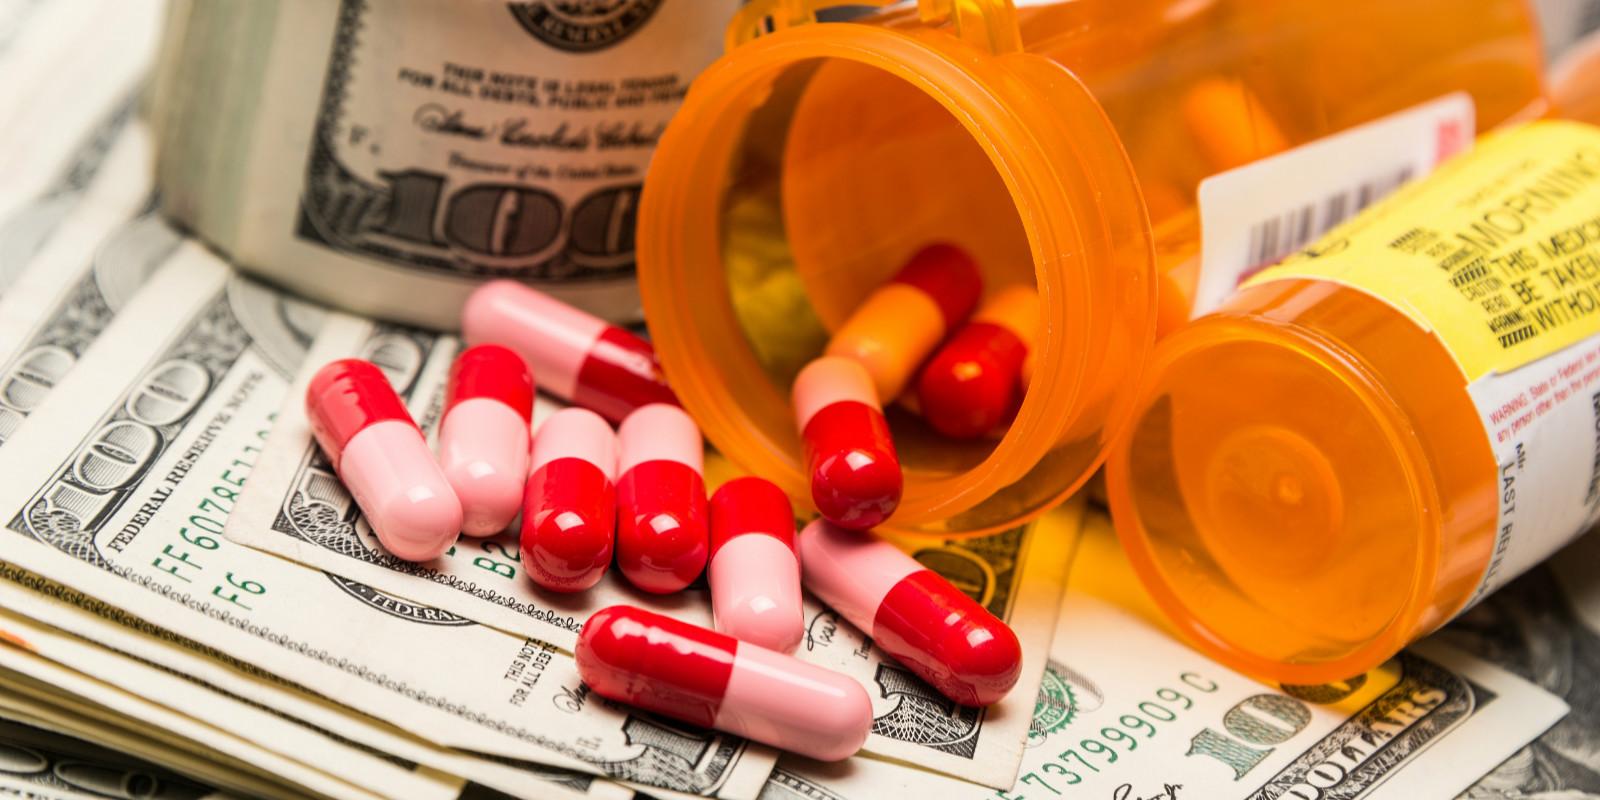 特朗普降药价新政不管用,美国处方药价格持续上涨